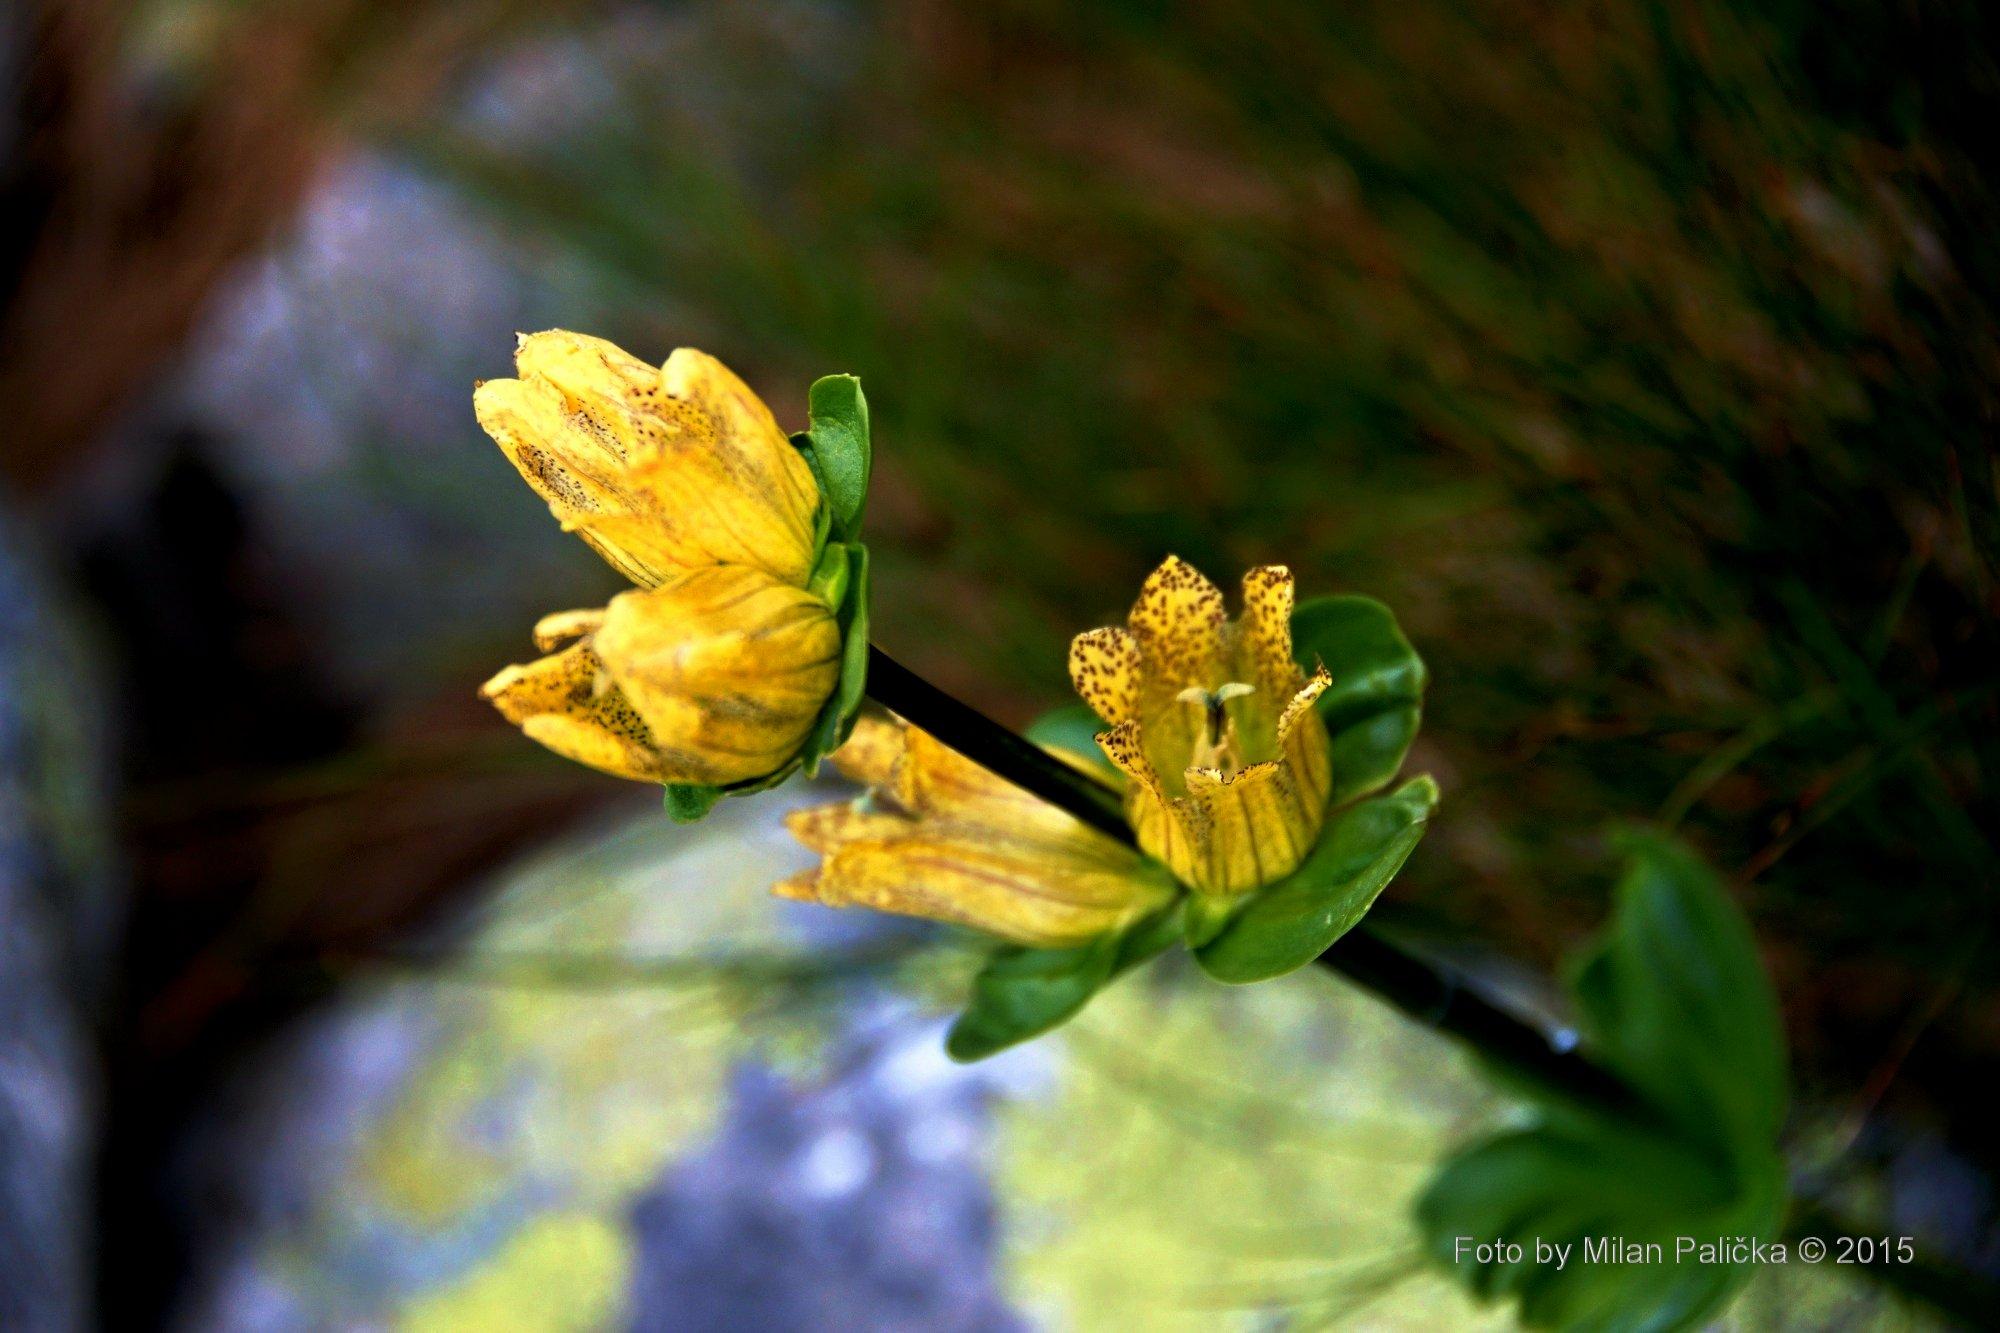 Žlutý hořec